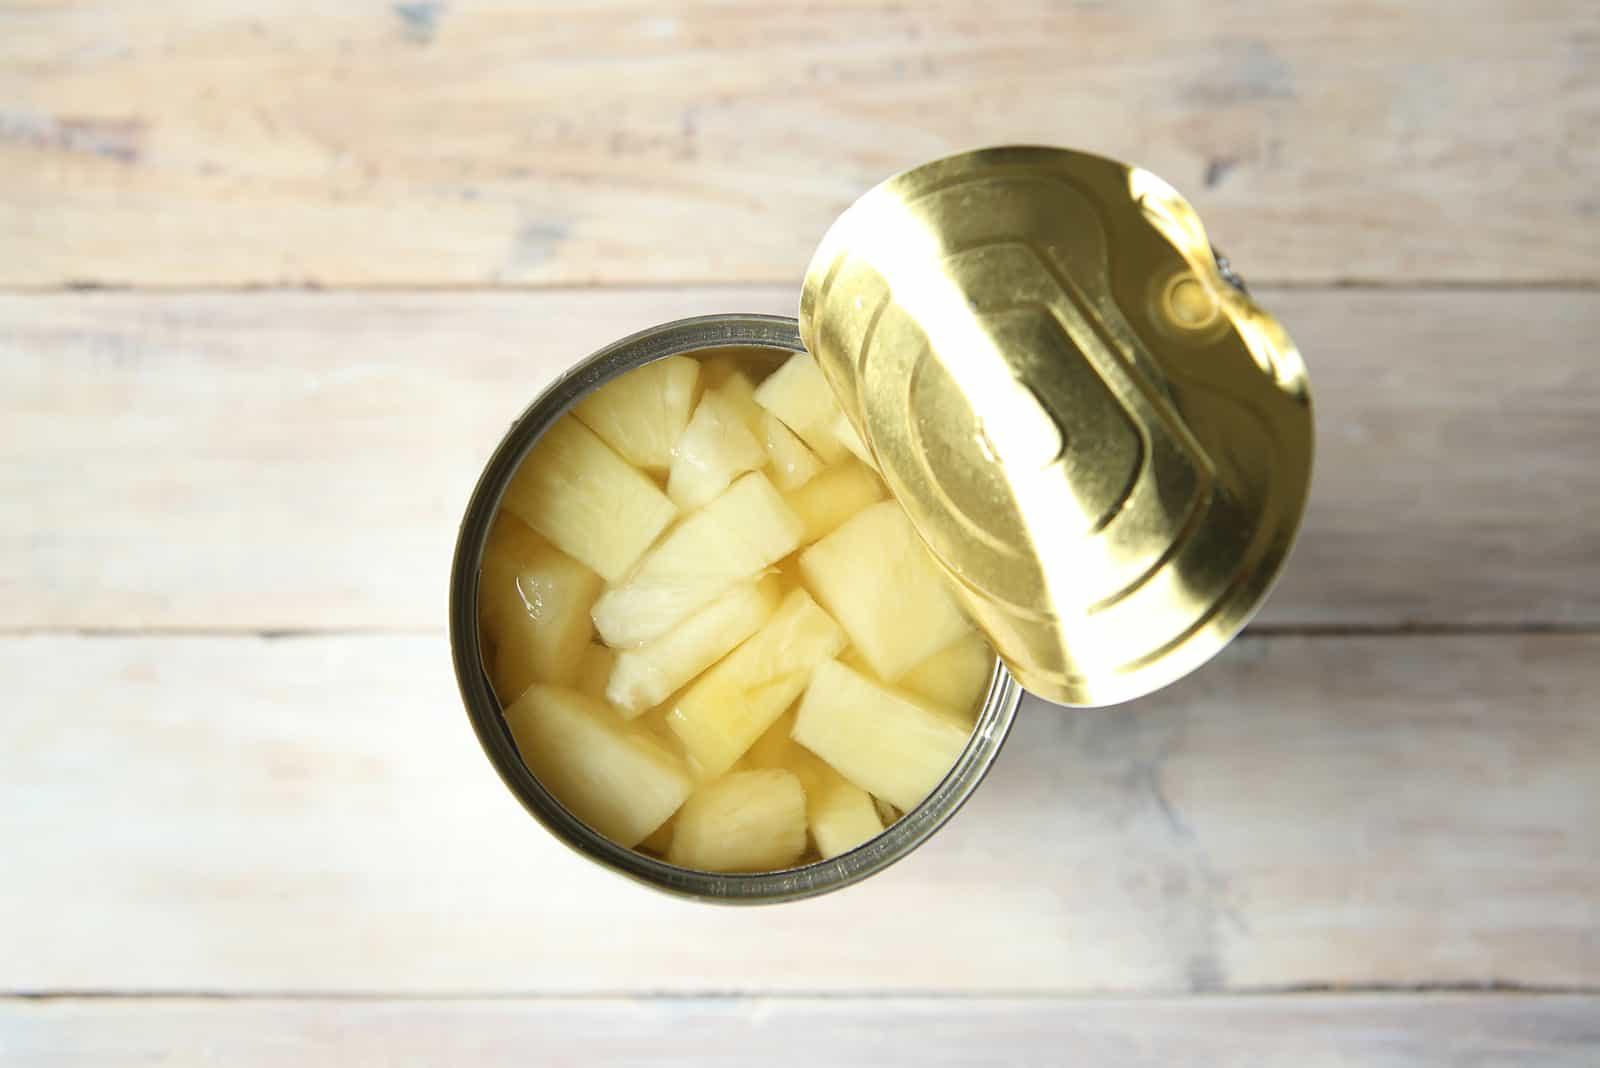 Ananasstücke aus der Dose